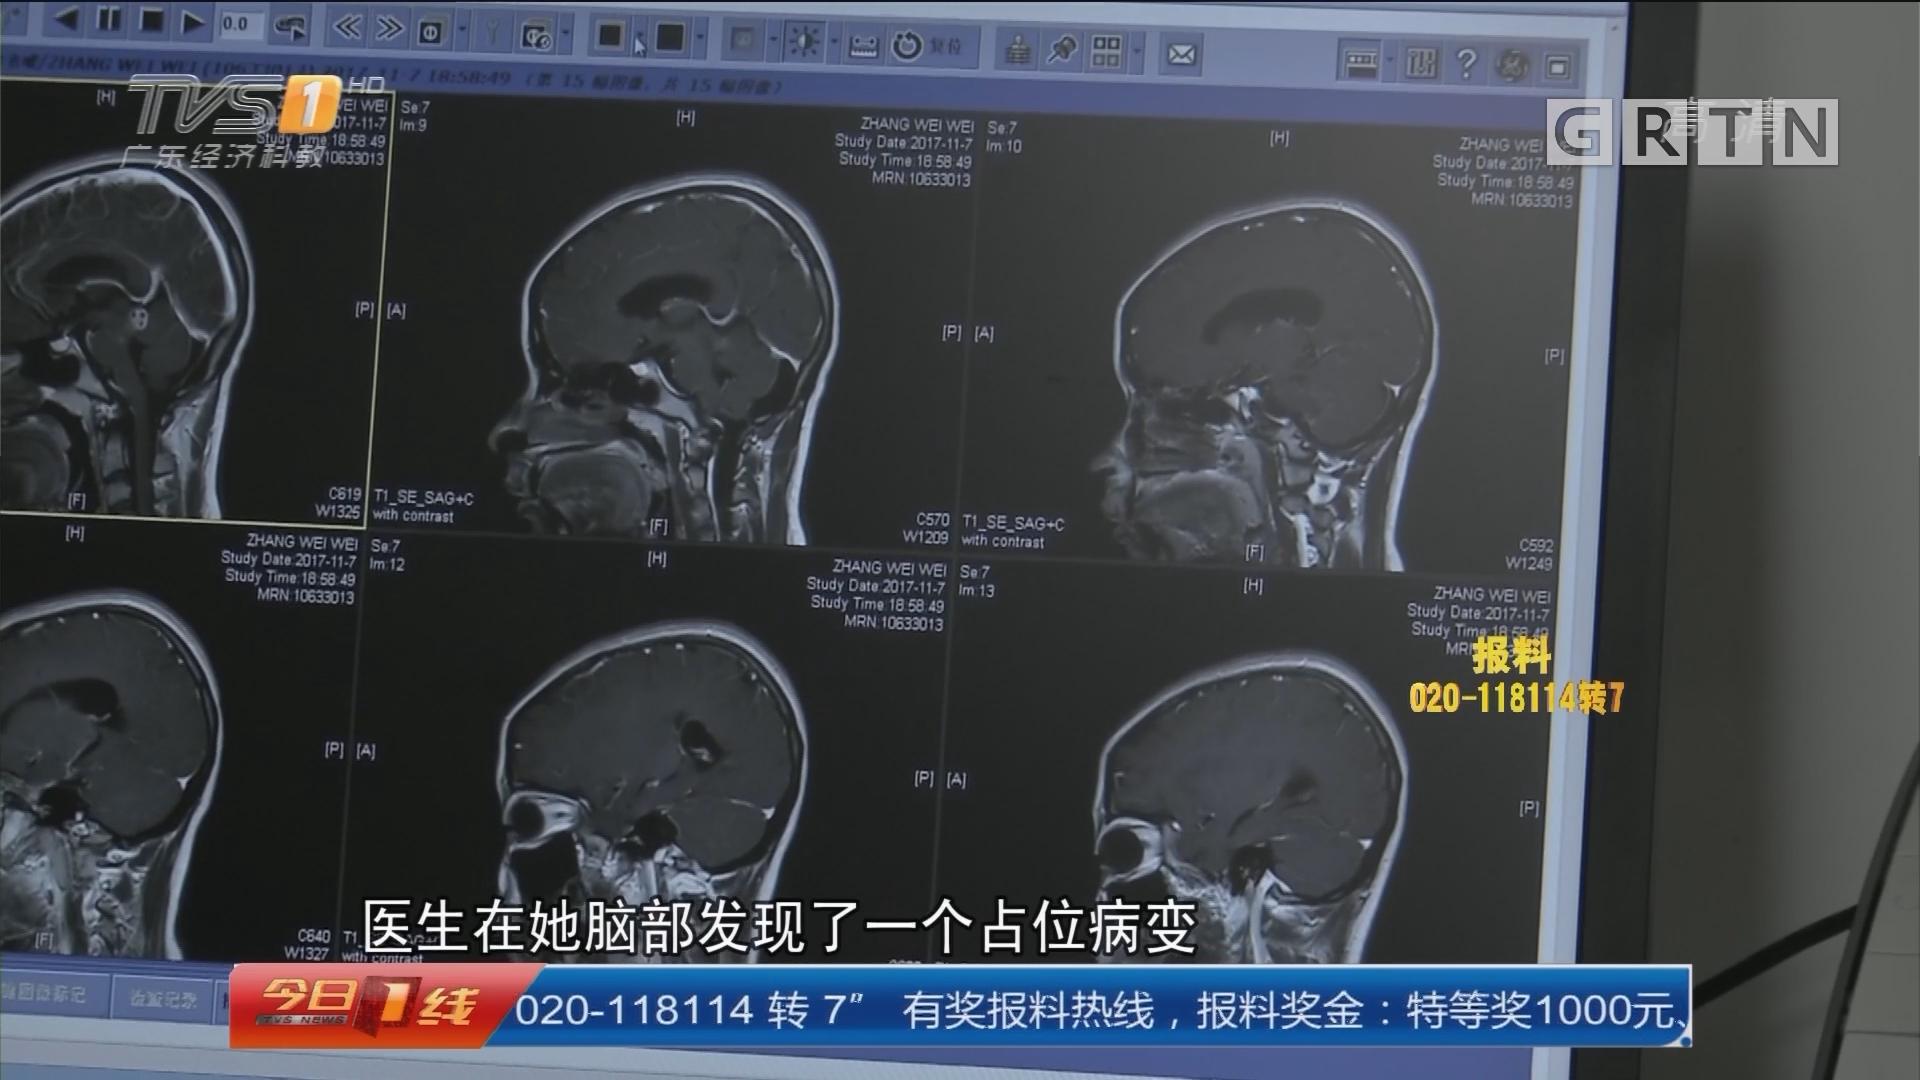 警惕寄生虫:少女频发癫痫 脑内病变竟在动